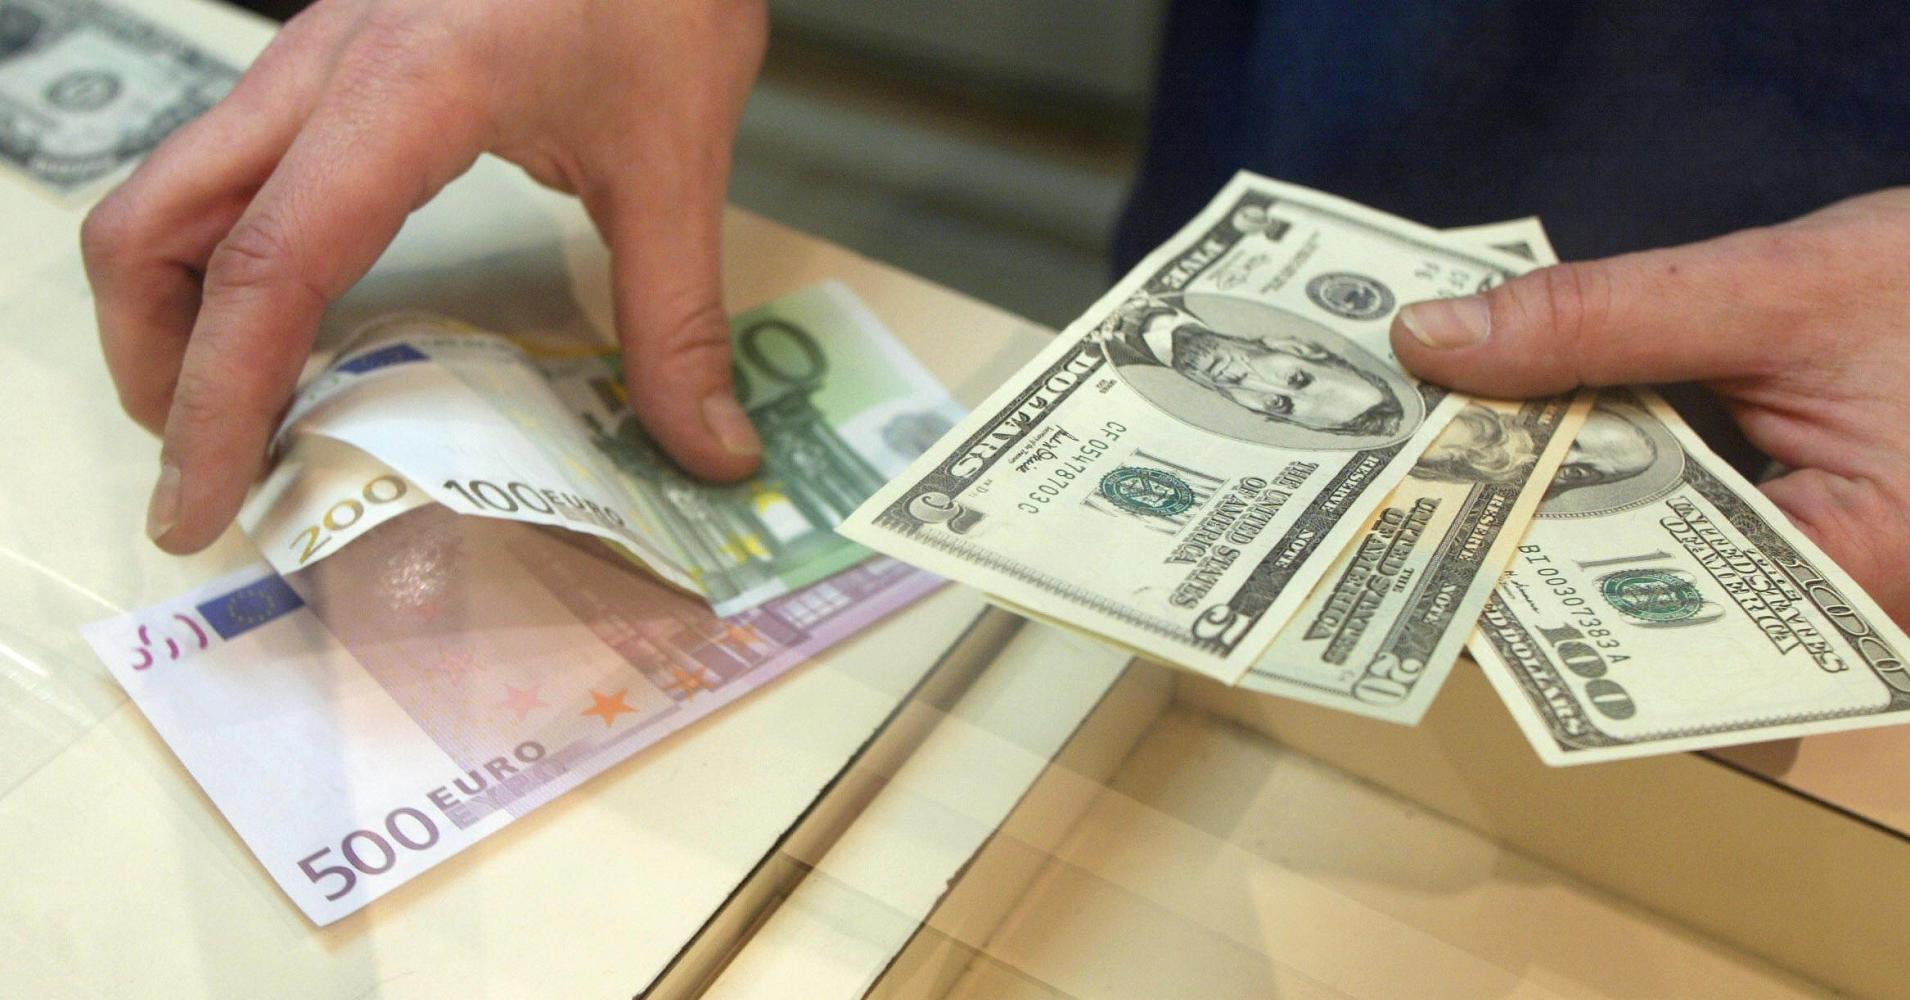 قیمت دلار پنج شنبه ۱۸ مهرماه ۹۸/ ثبات شاخص ارزی در ایستگاه پایان هفته